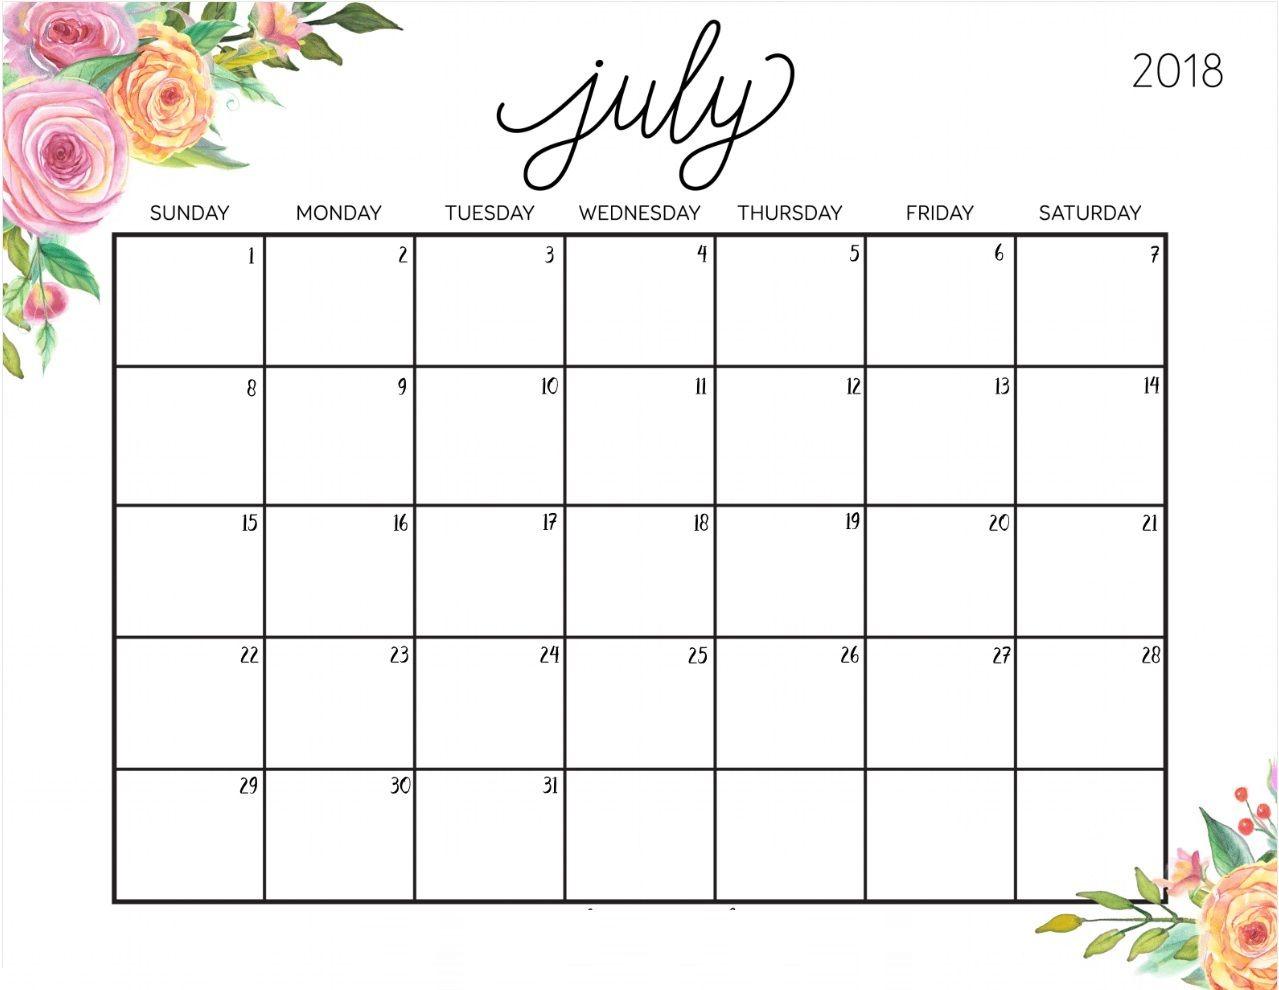 july 2018 planning calendar template